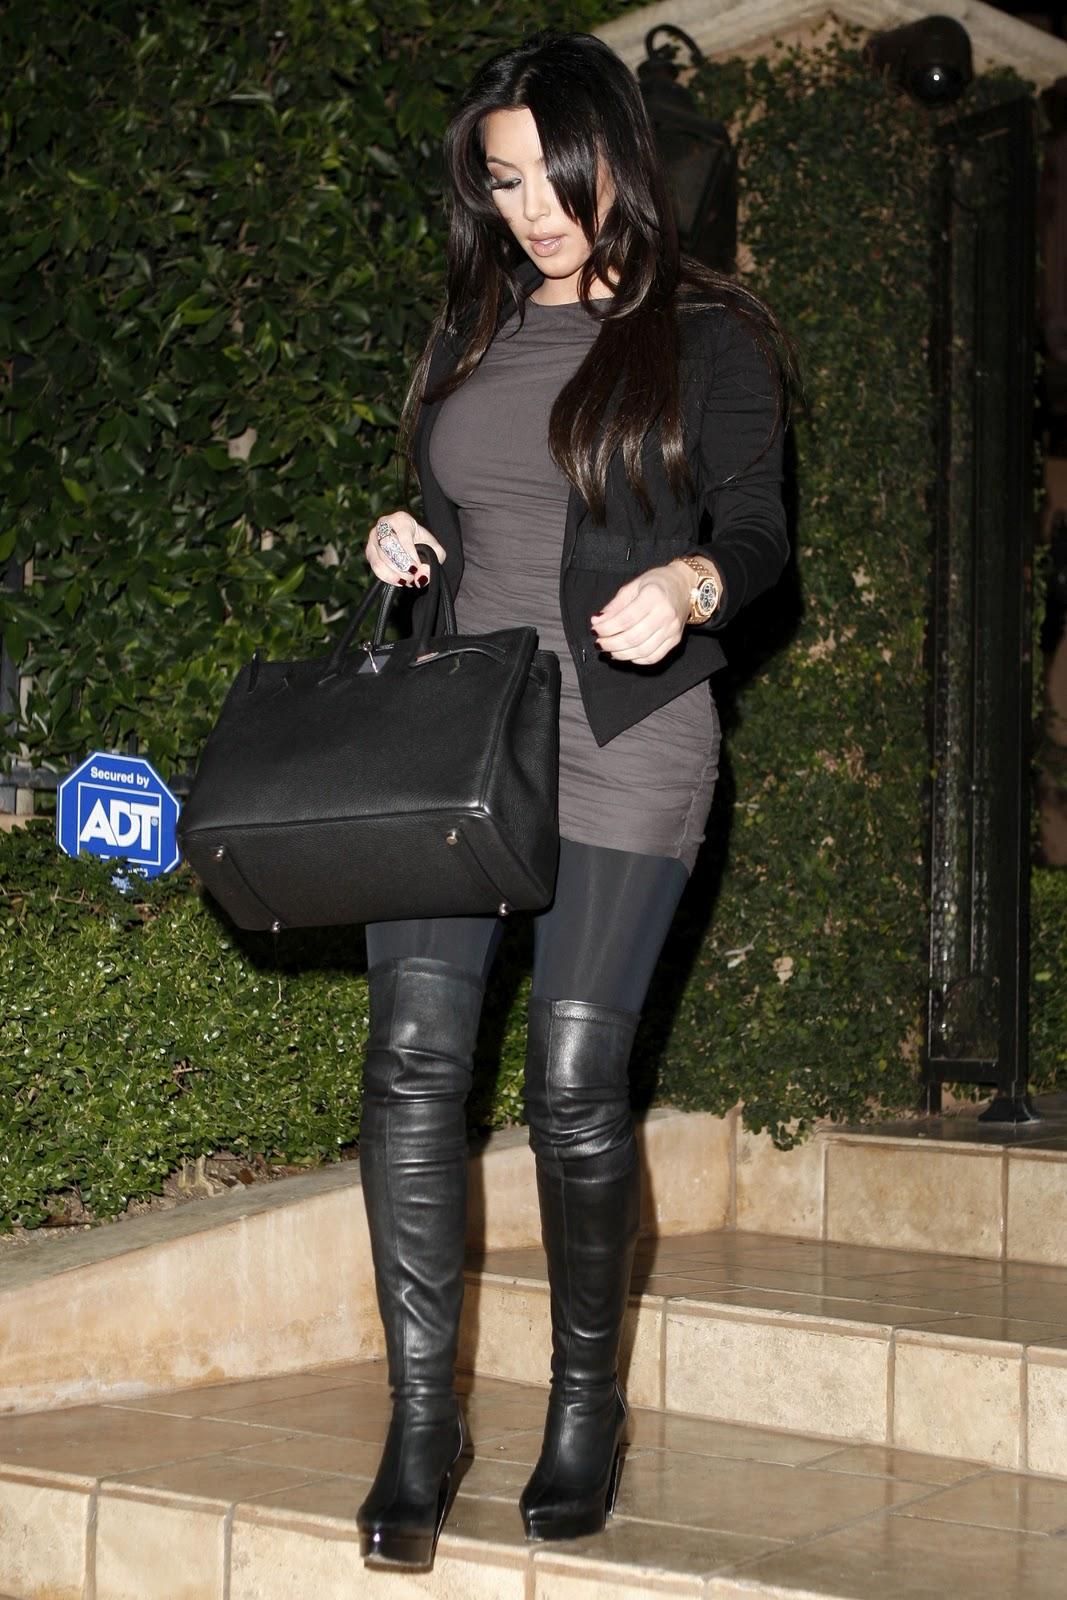 http://2.bp.blogspot.com/_LRzFEyAOGAA/TPUTokANuwI/AAAAAAAADGc/7mr82JQv2nM/s1600/92561-by-william-kim-kardashian-6-123-429lo.jpg